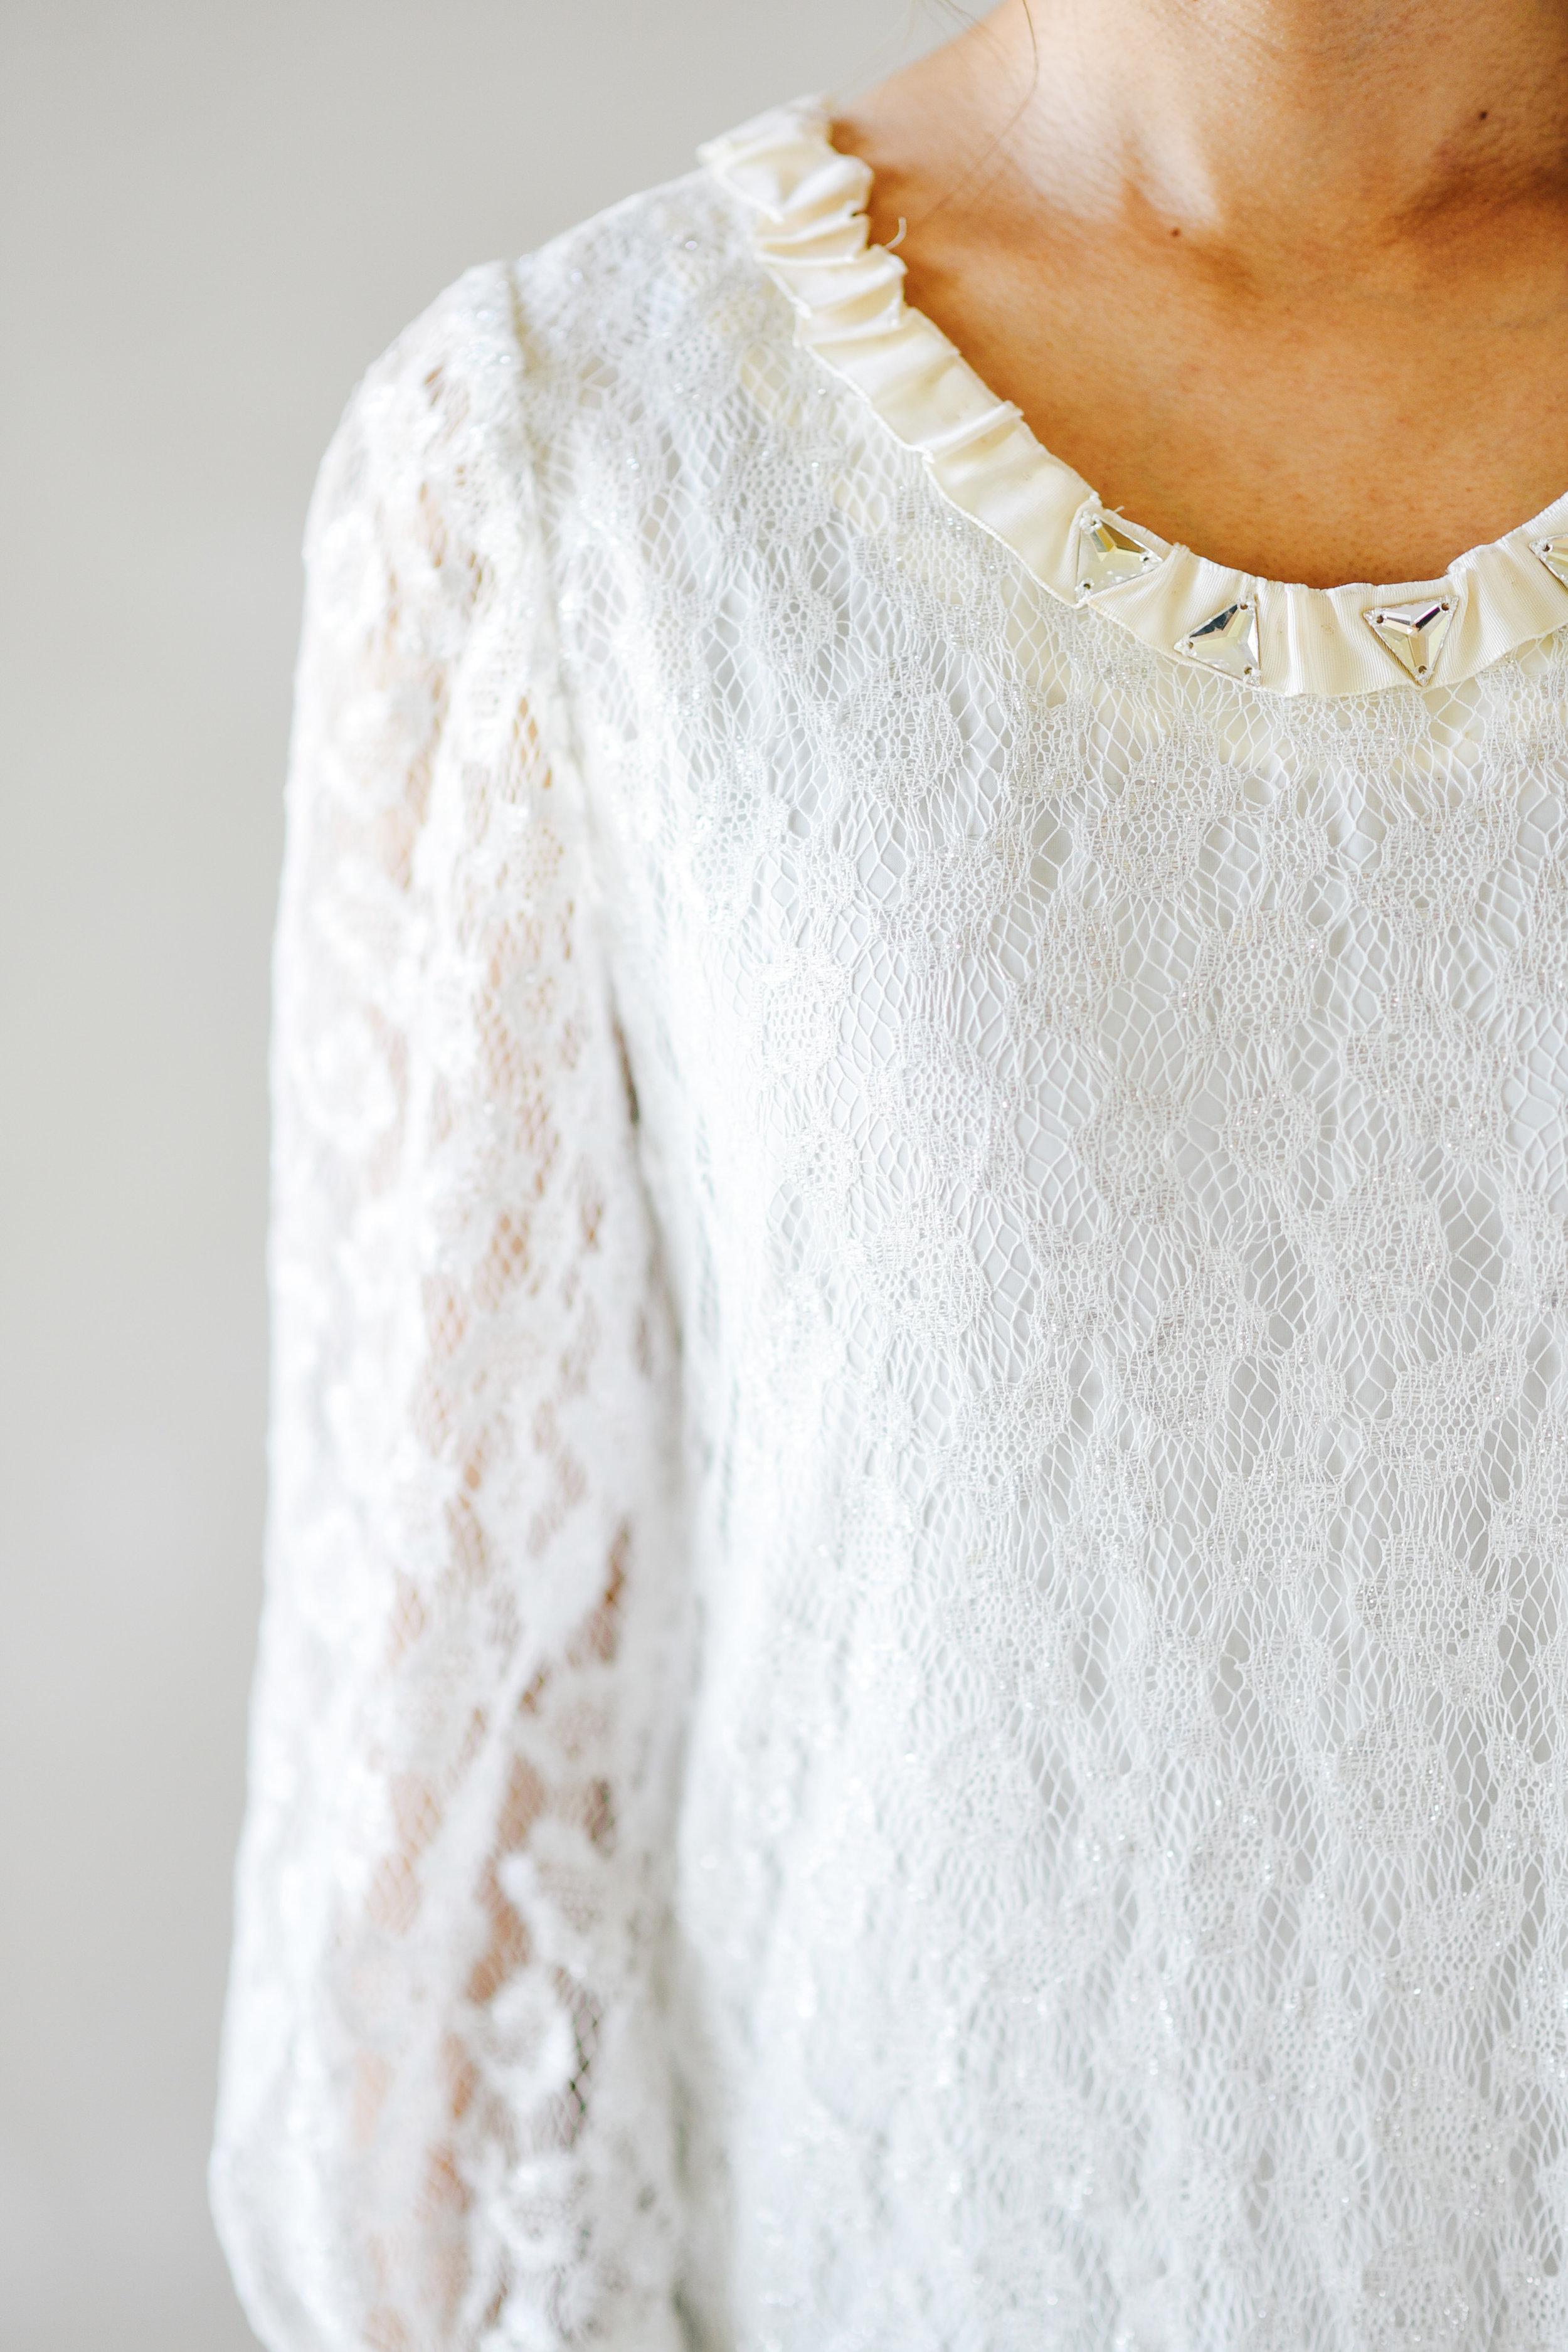 dress2_4.jpg